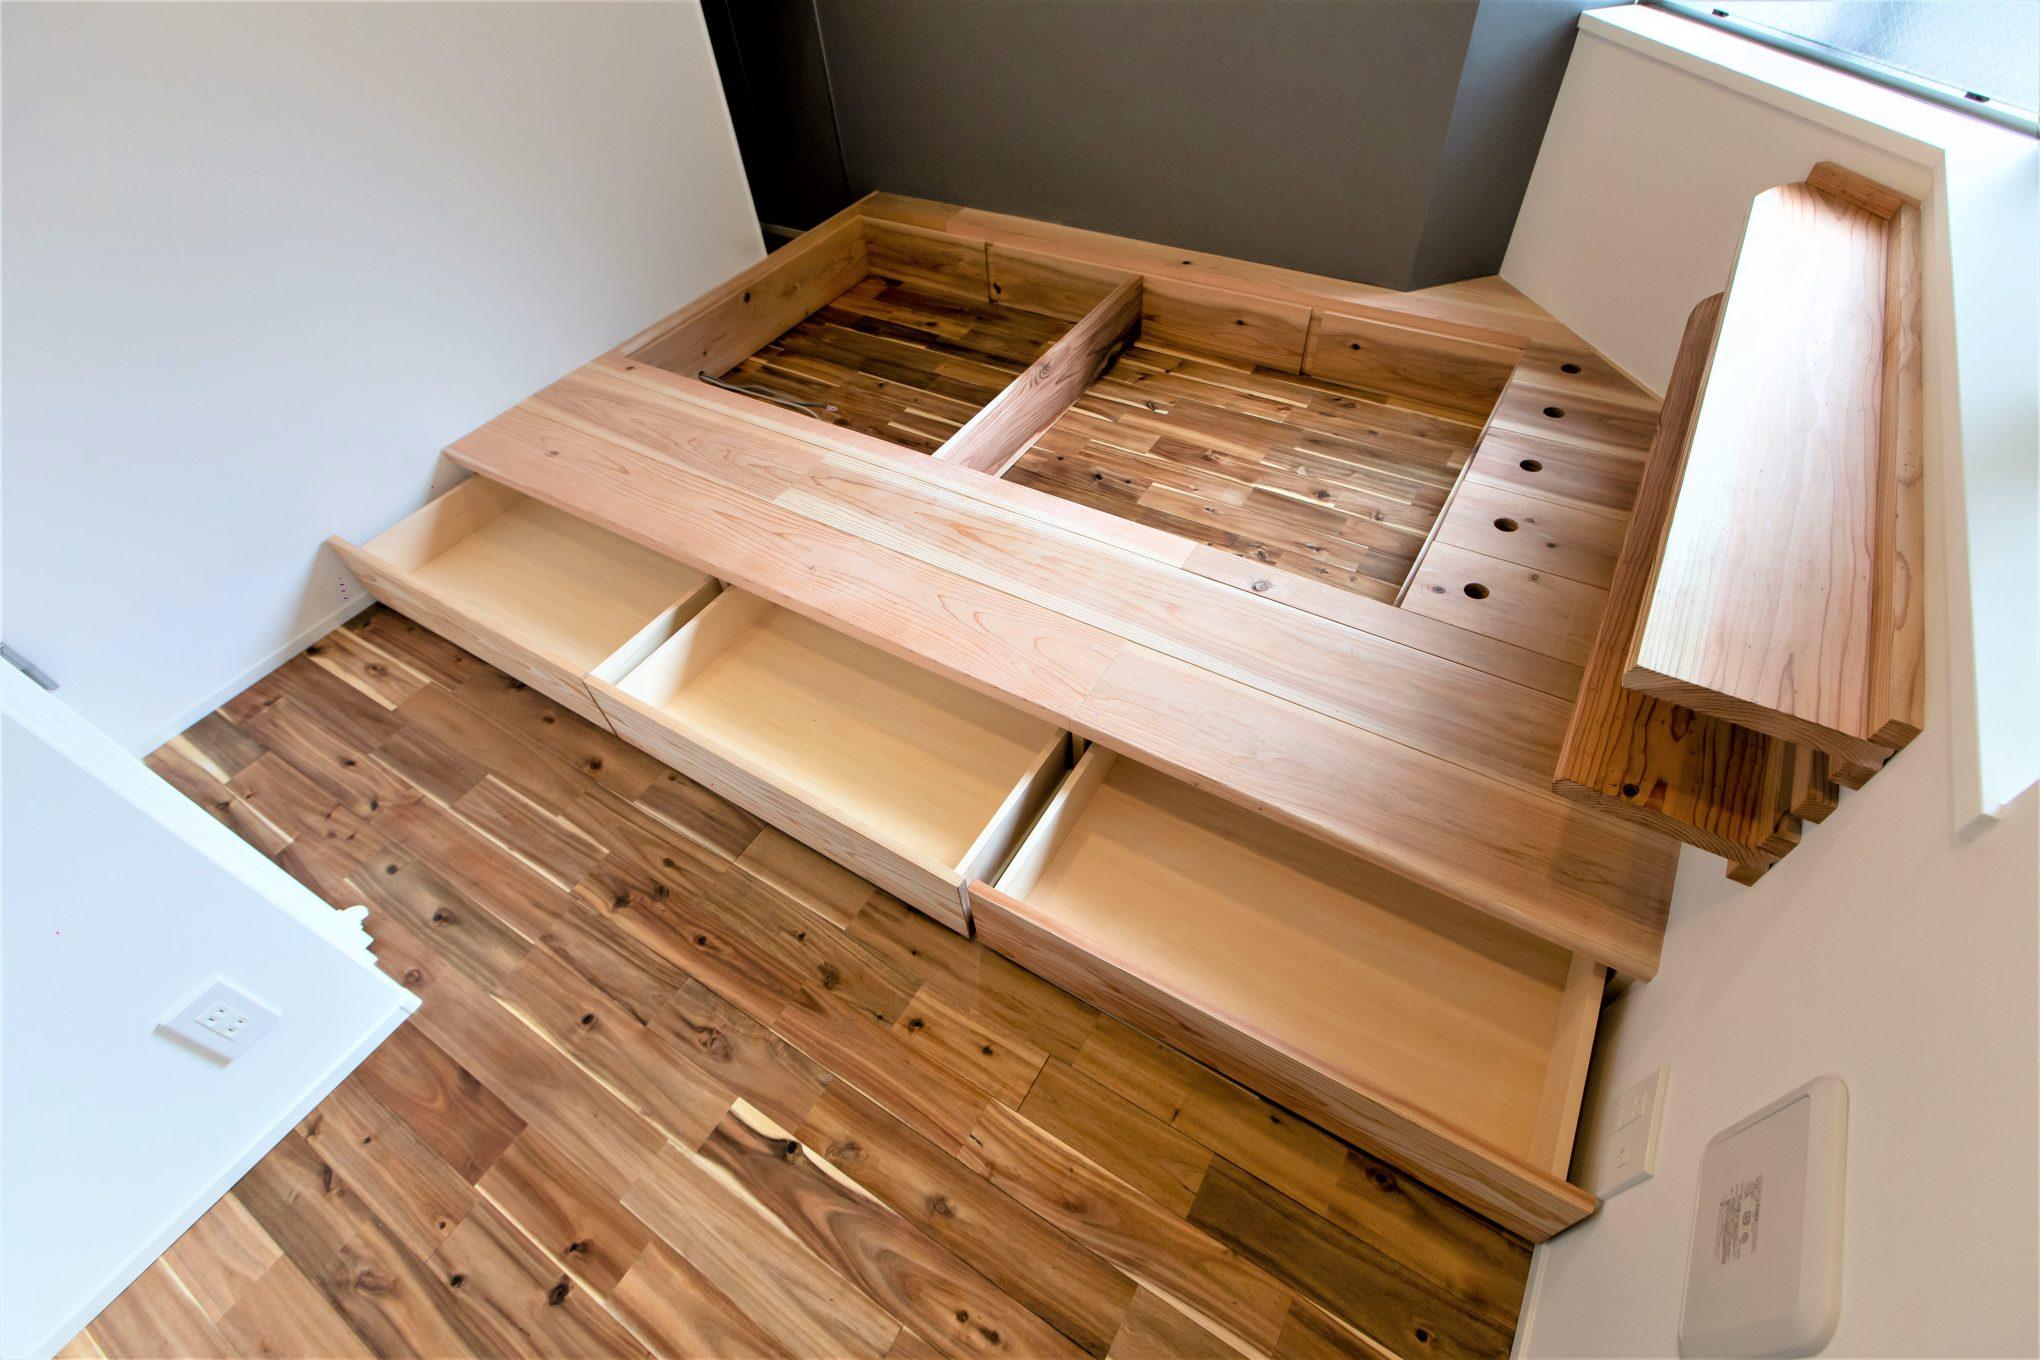 ウッドでベッドスペースを造作して機能的におしゃれなリノベーション